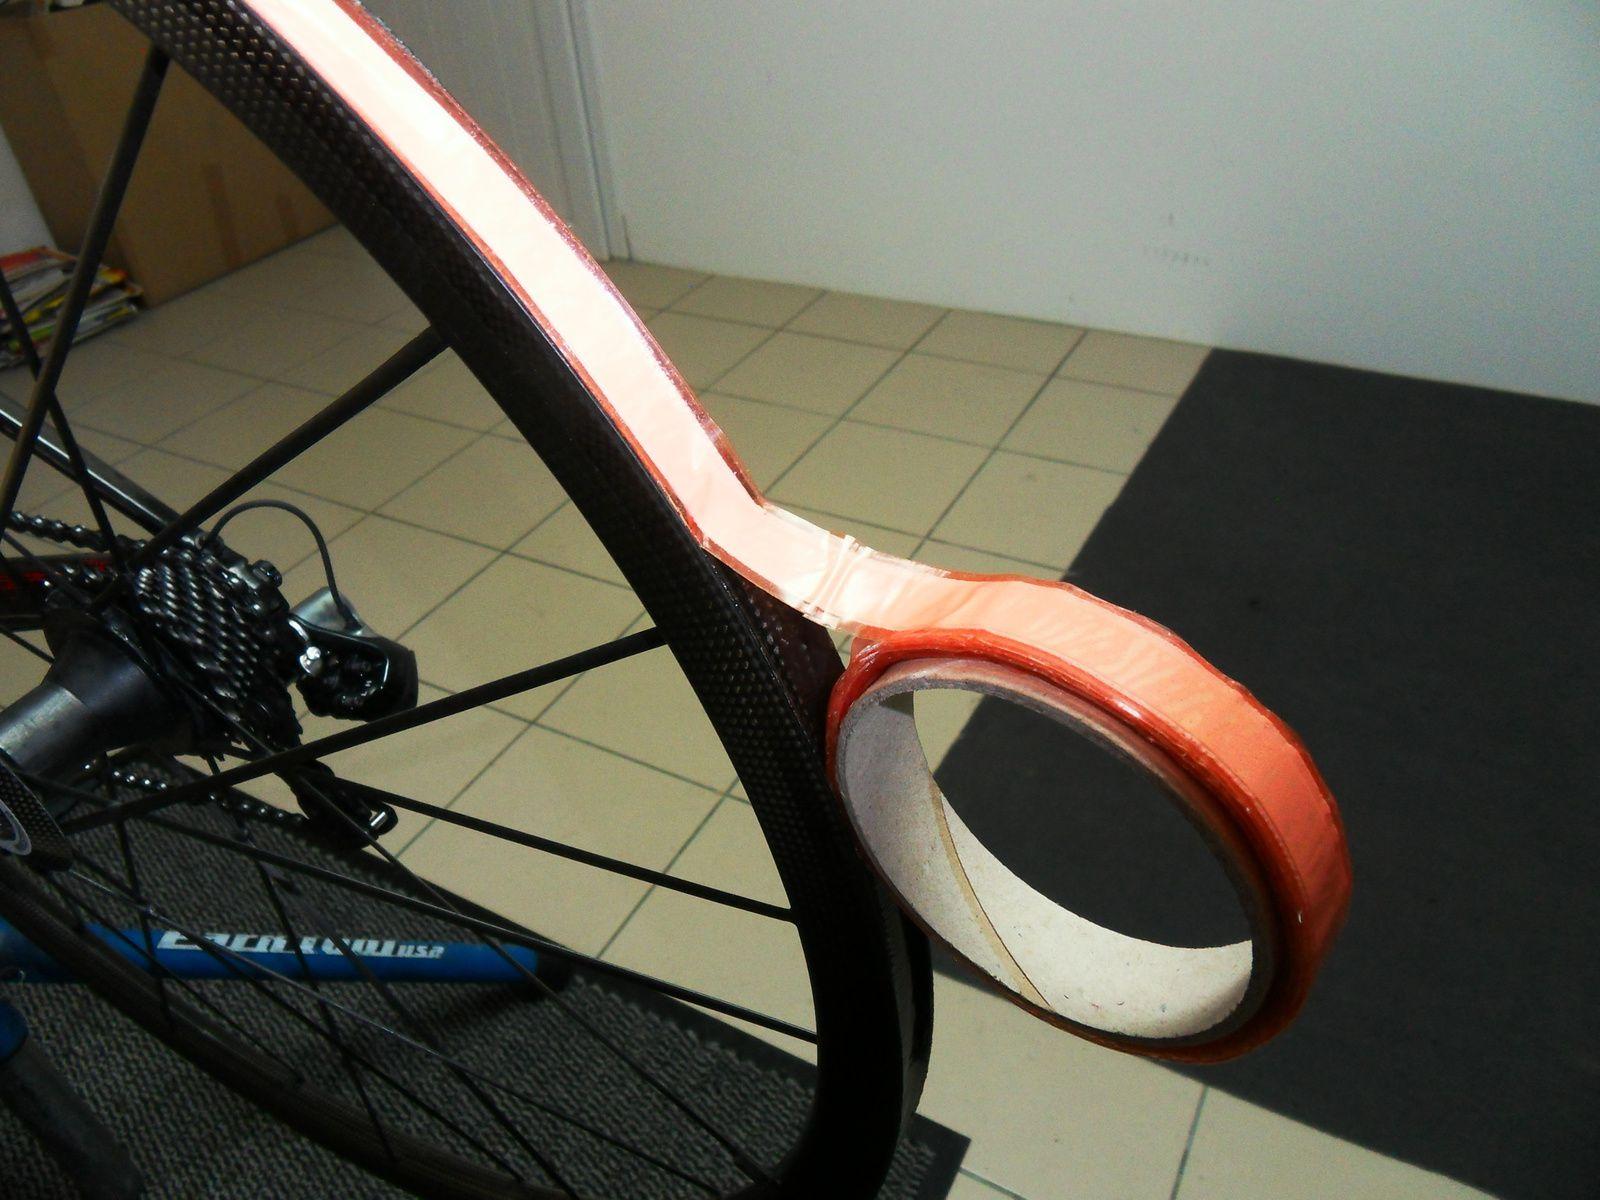 En commençant par le trou de la valve avec un retrait de quelques centimètres il suffit de poser la bande sur la jante.